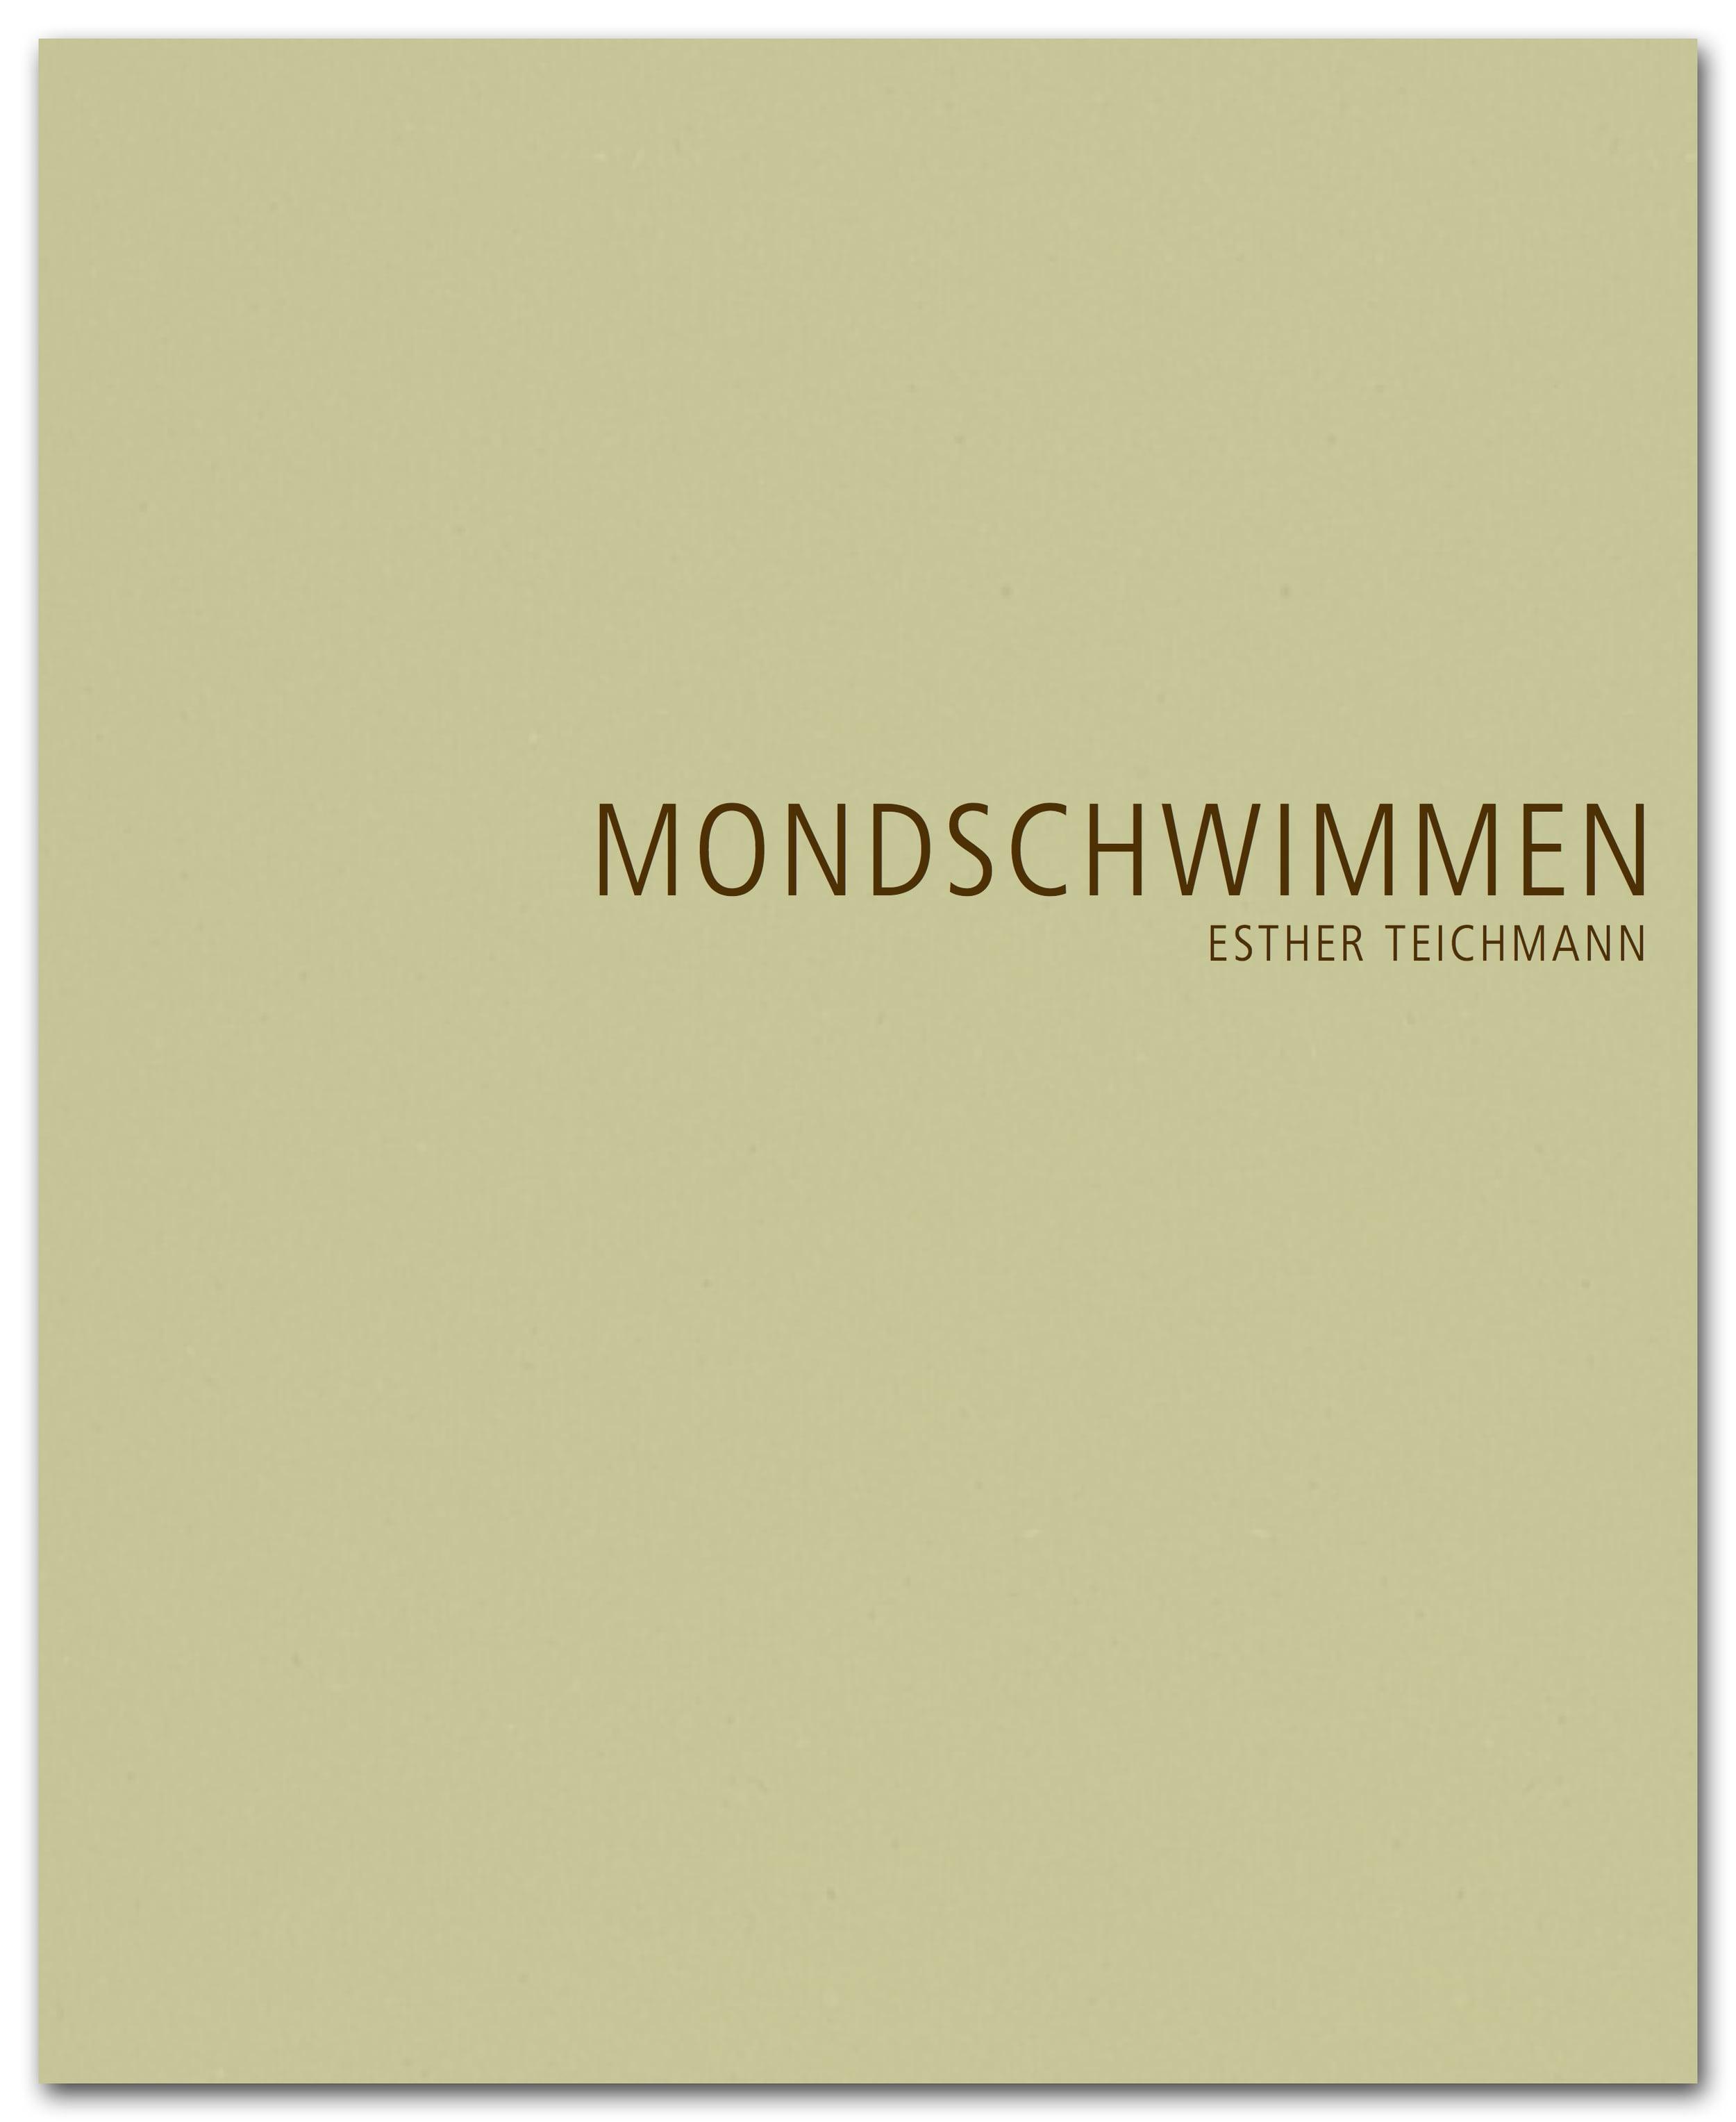 MONDSCHWIMMEN     Esther Teichmann     artist book, 2015